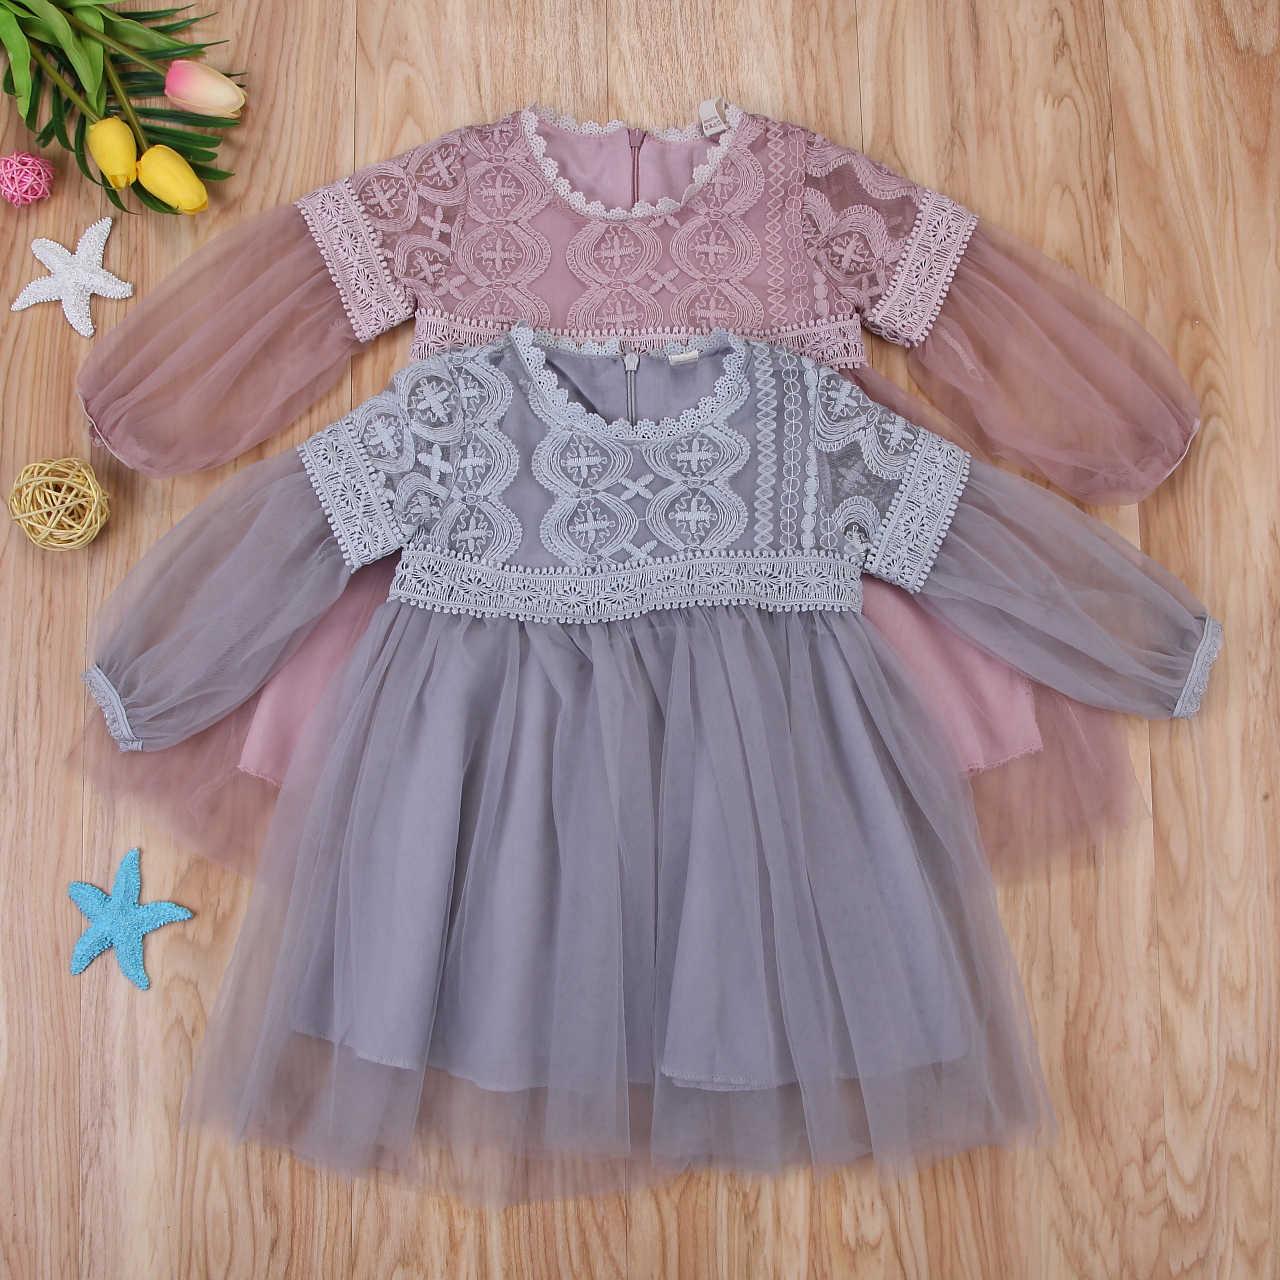 יילוד קיד תינוקת שמלת תחרה פרח נסיכת ילדה שמלת מסיבת טבילת הטבלה חתונה רשמי שמלה לילדה Boho שמלה